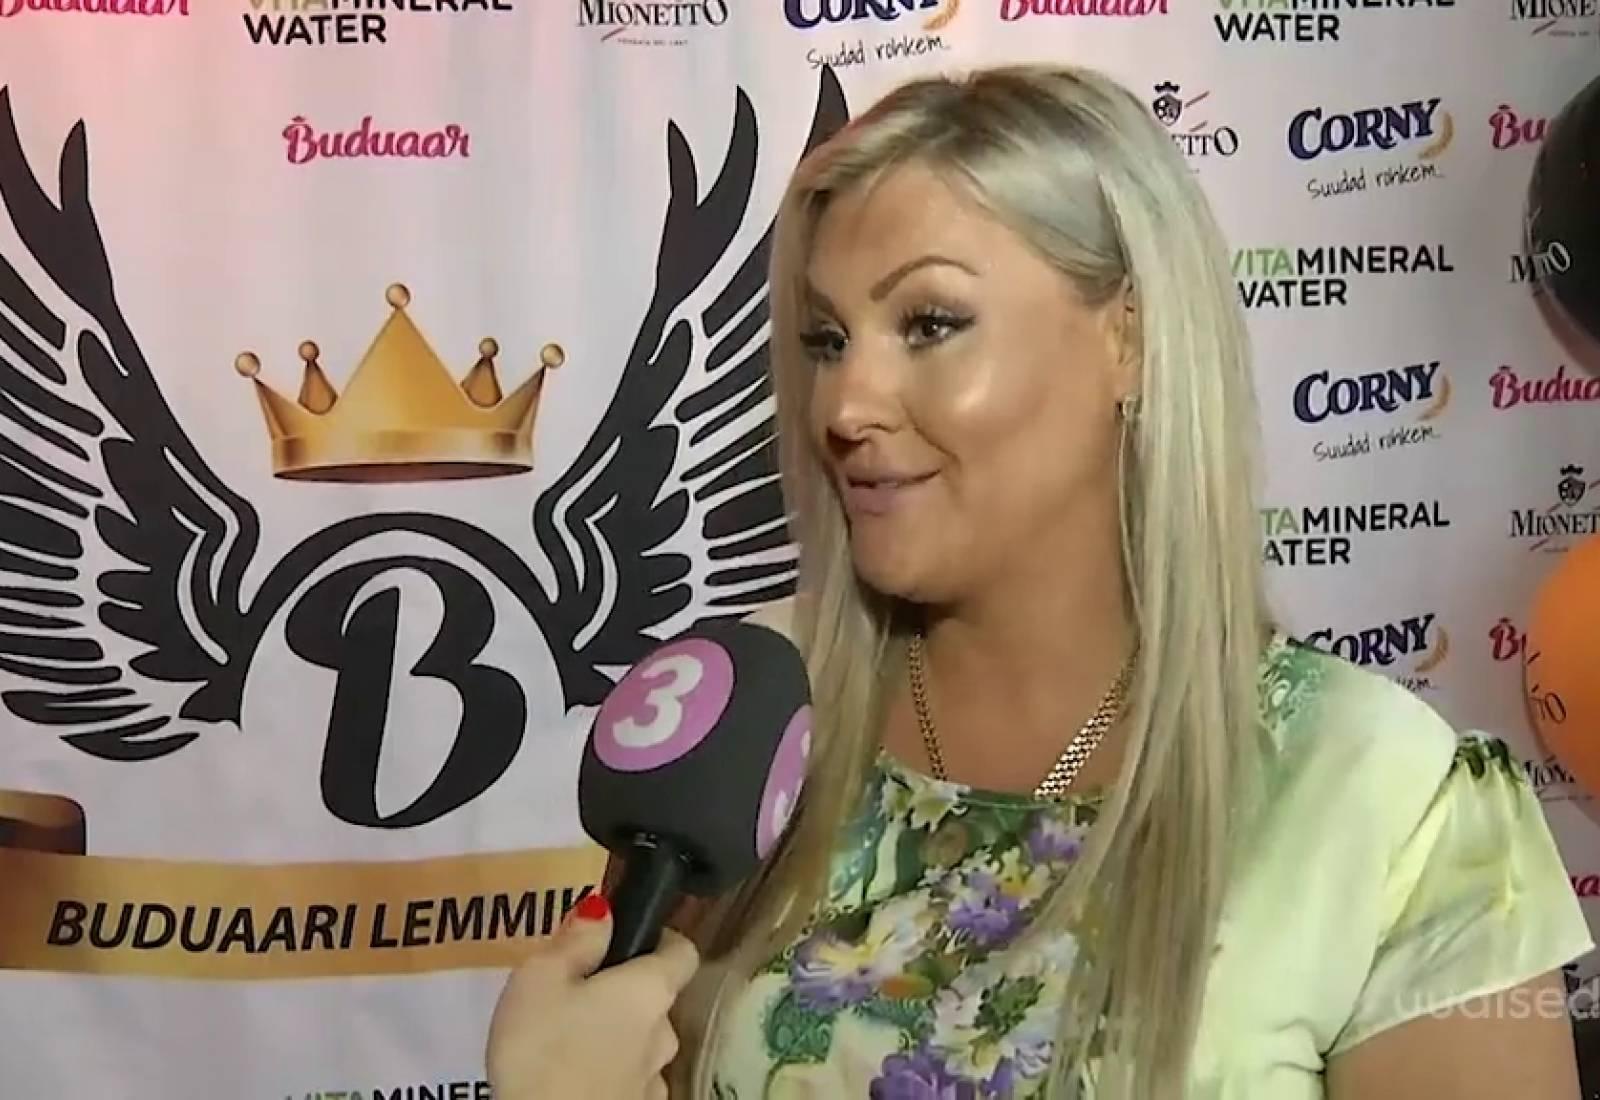 VIDEO! Sünne Valtri soovib väga Eurovisioonile minna: ootan laulukirjutajatelt pakkumisi